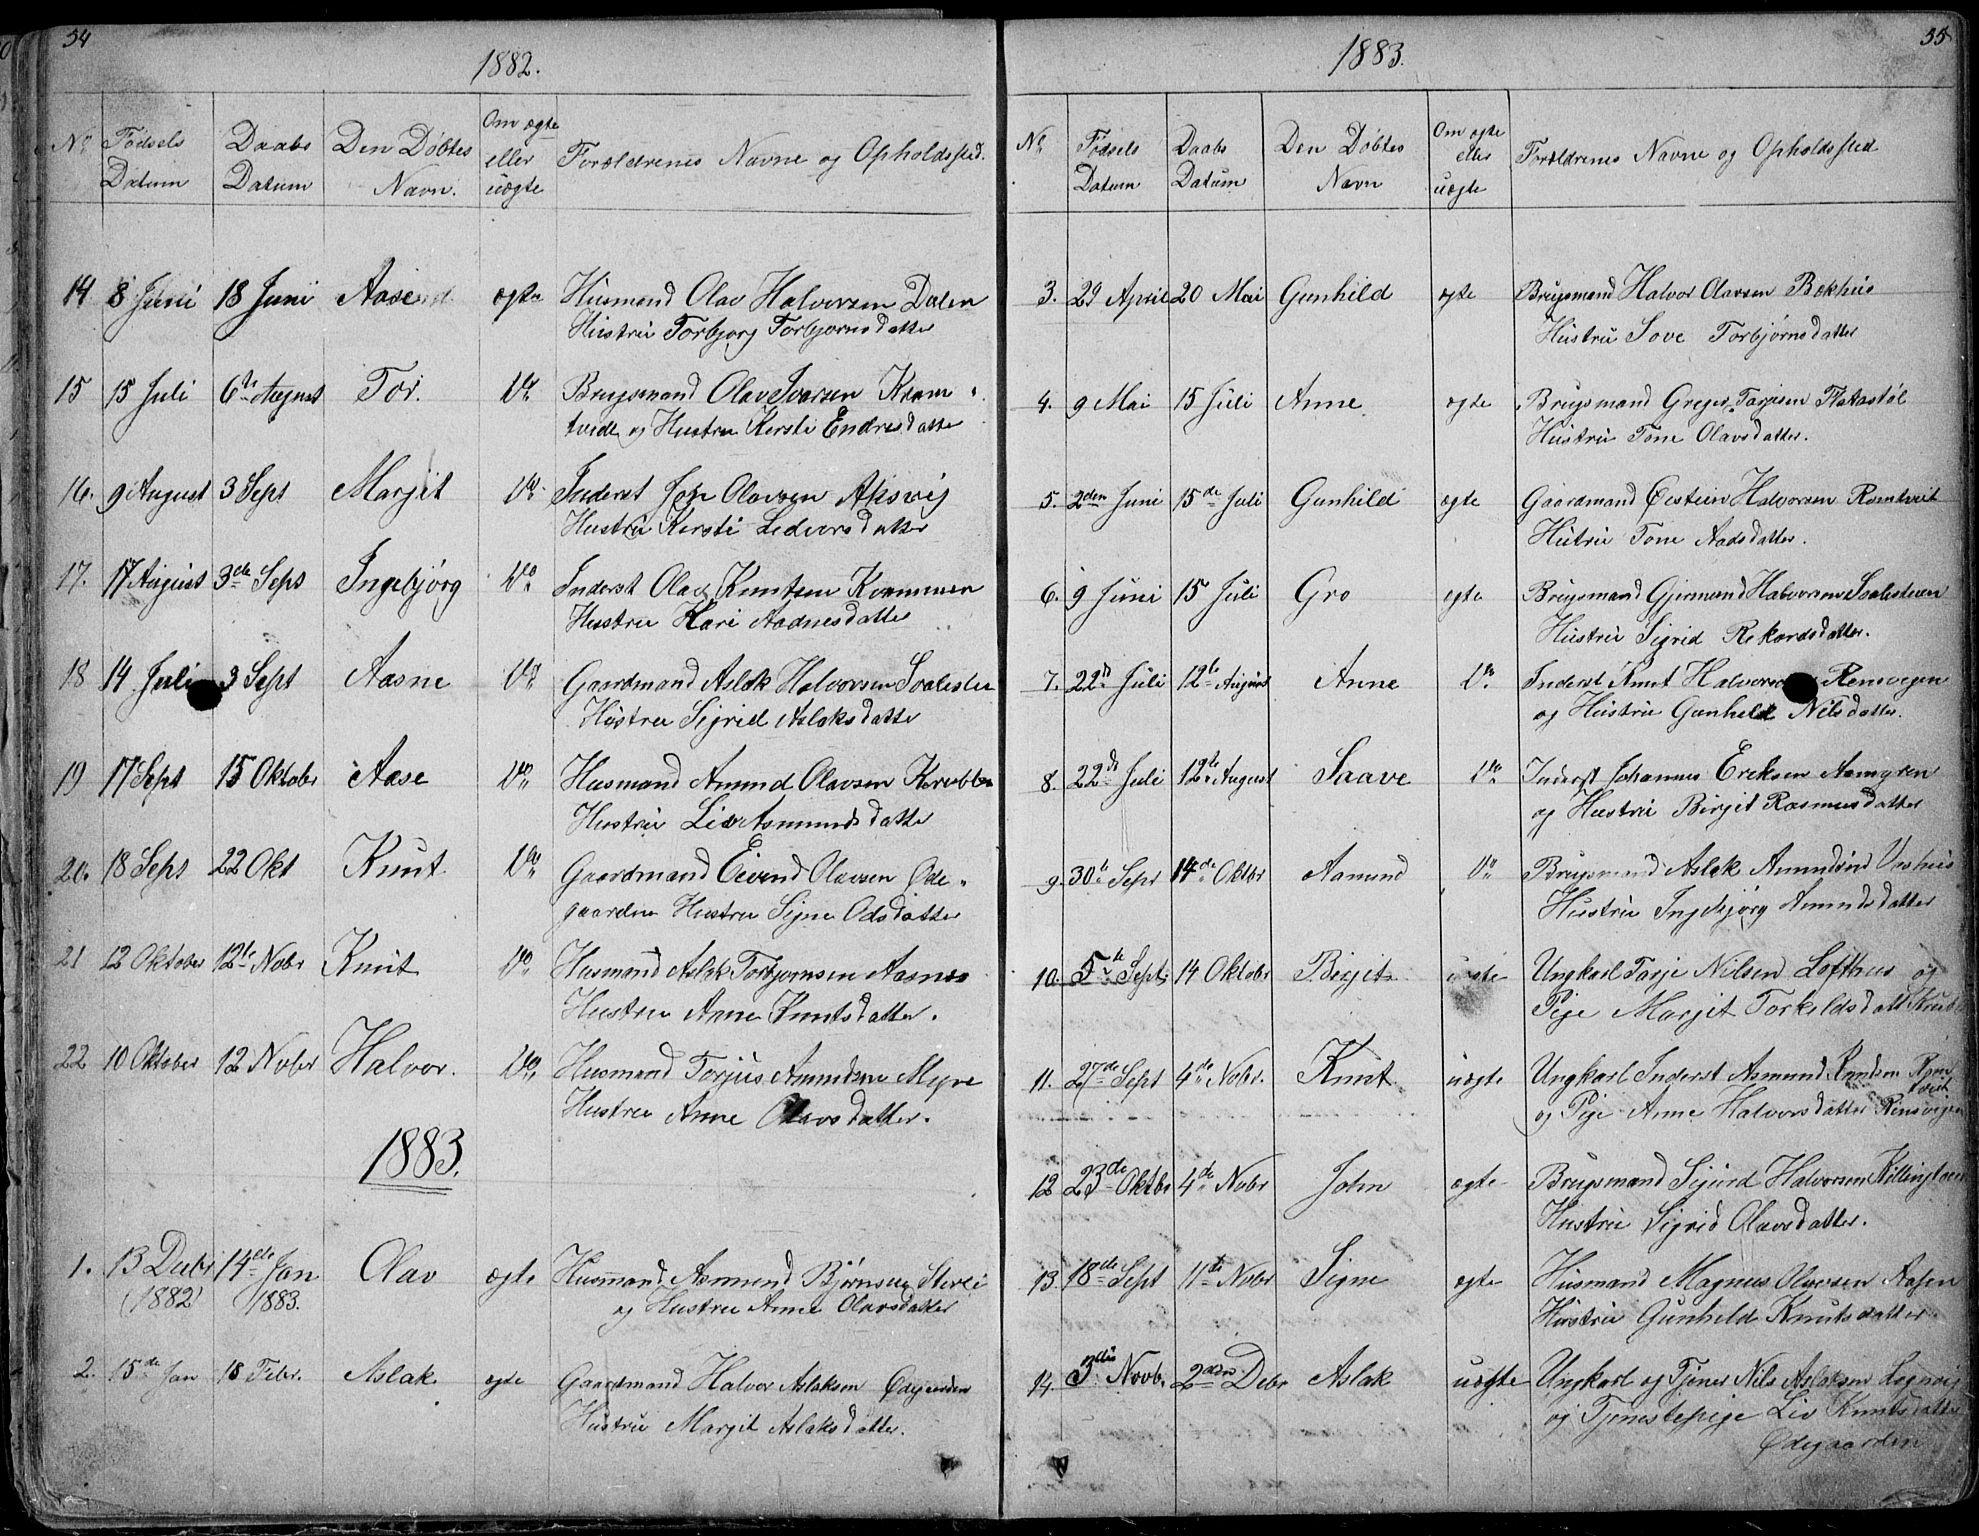 SAKO, Rauland kirkebøker, G/Ga/L0002: Klokkerbok nr. I 2, 1849-1935, s. 54-55